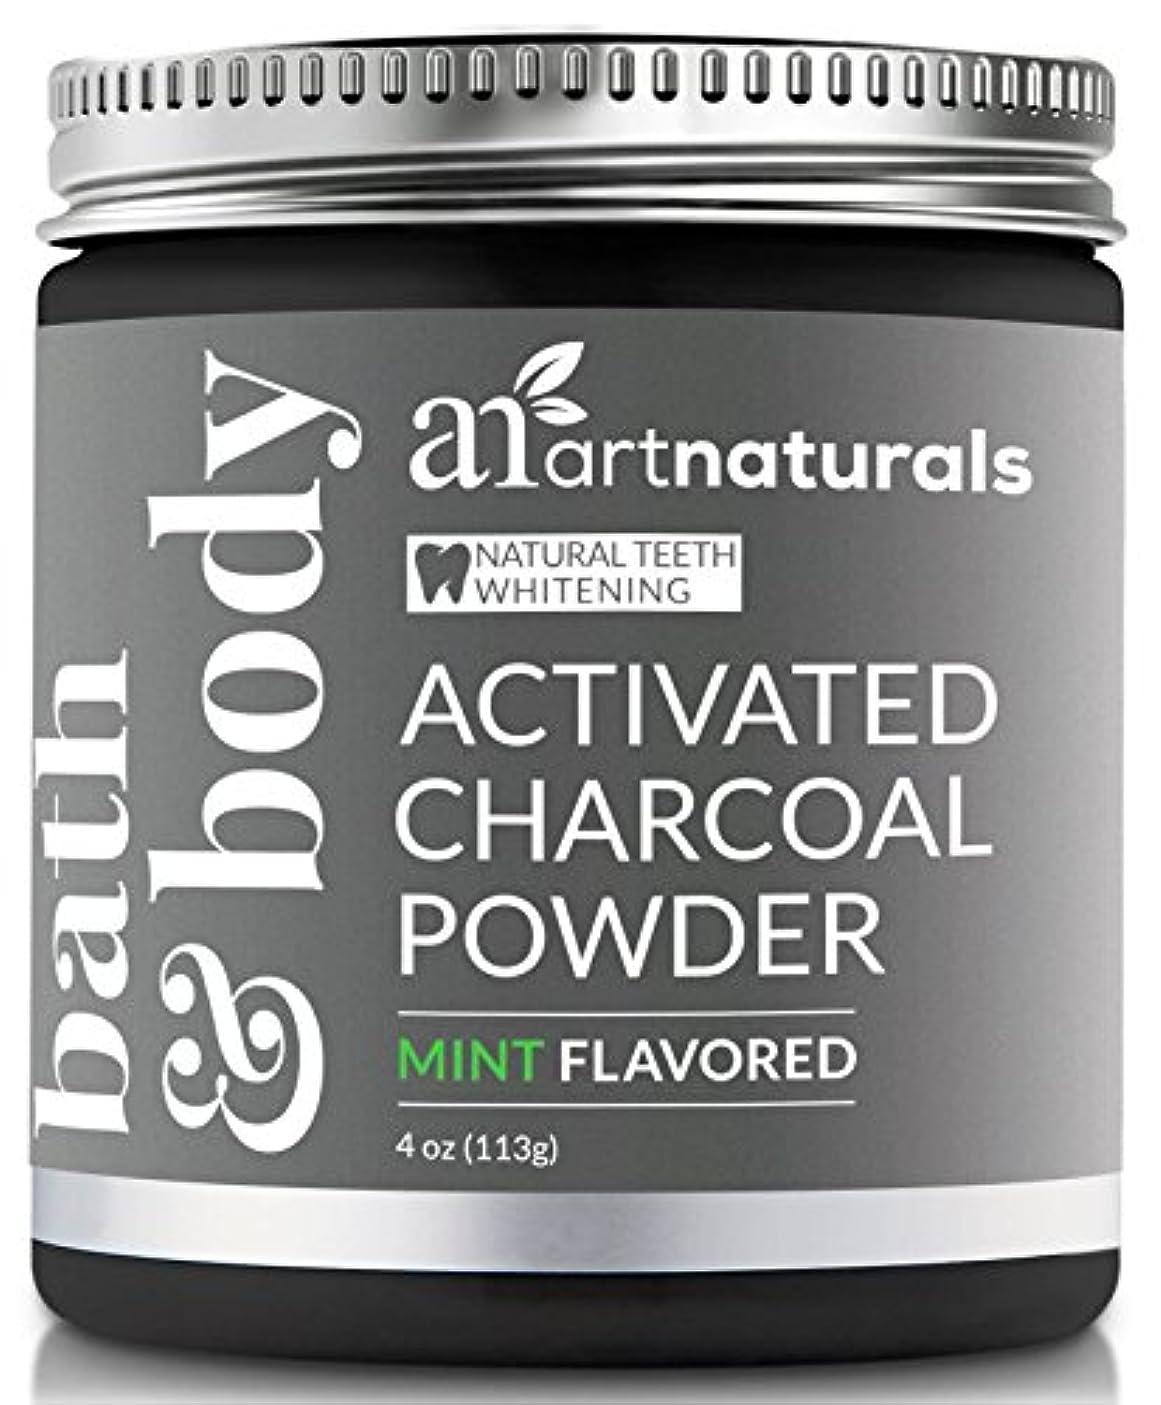 知的スポーツマン賭けArtNaturals Teeth Whitening Charcoal Powder - (4 Oz / 113g) - Activated Charcoal for a Natural, Non-Abrassive...